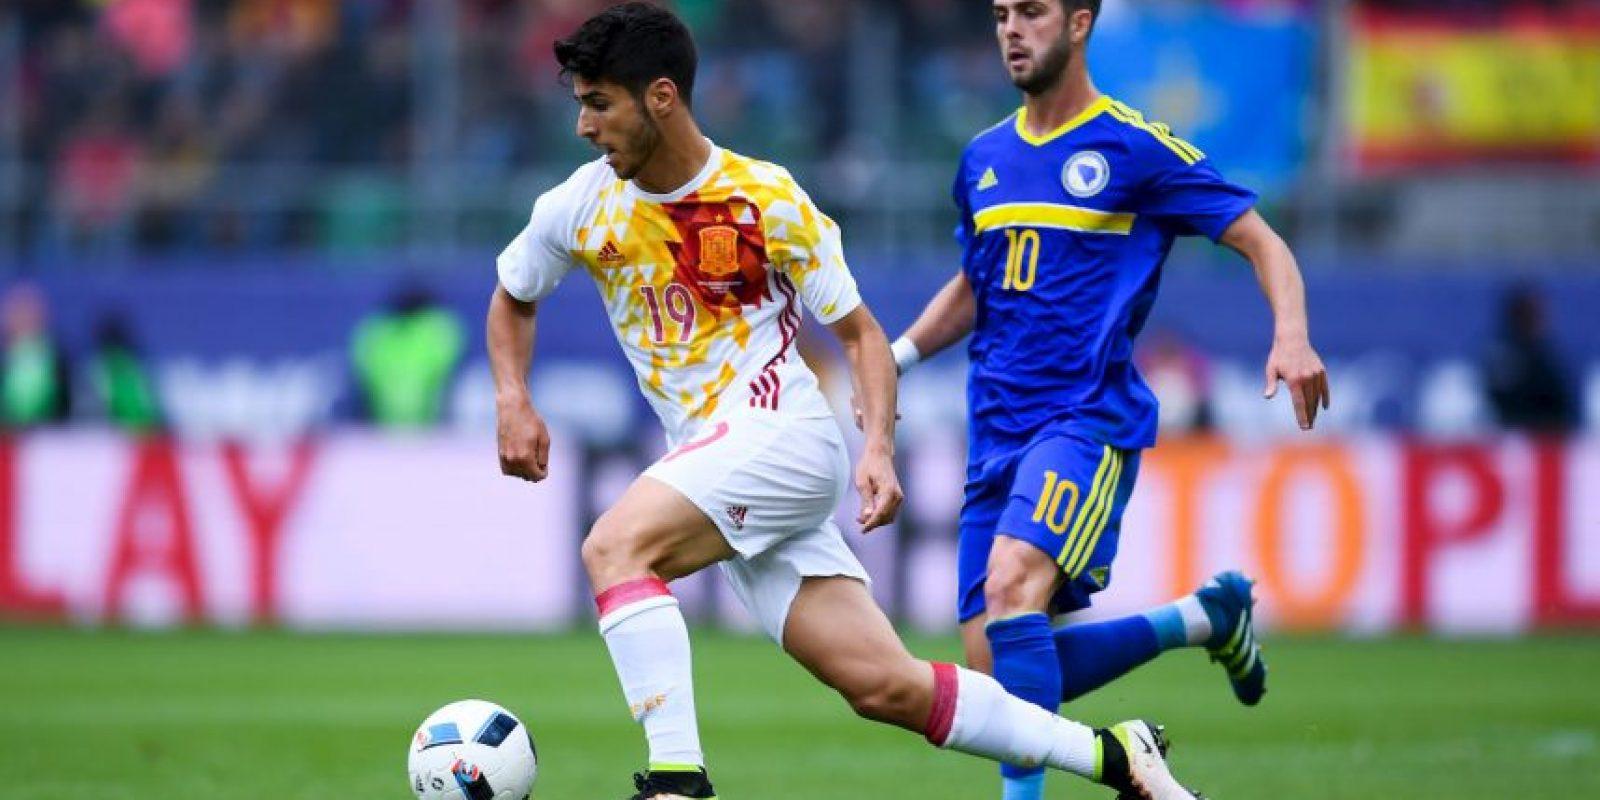 También suma participaciones en las selecciones menores de España Foto:Getty Images